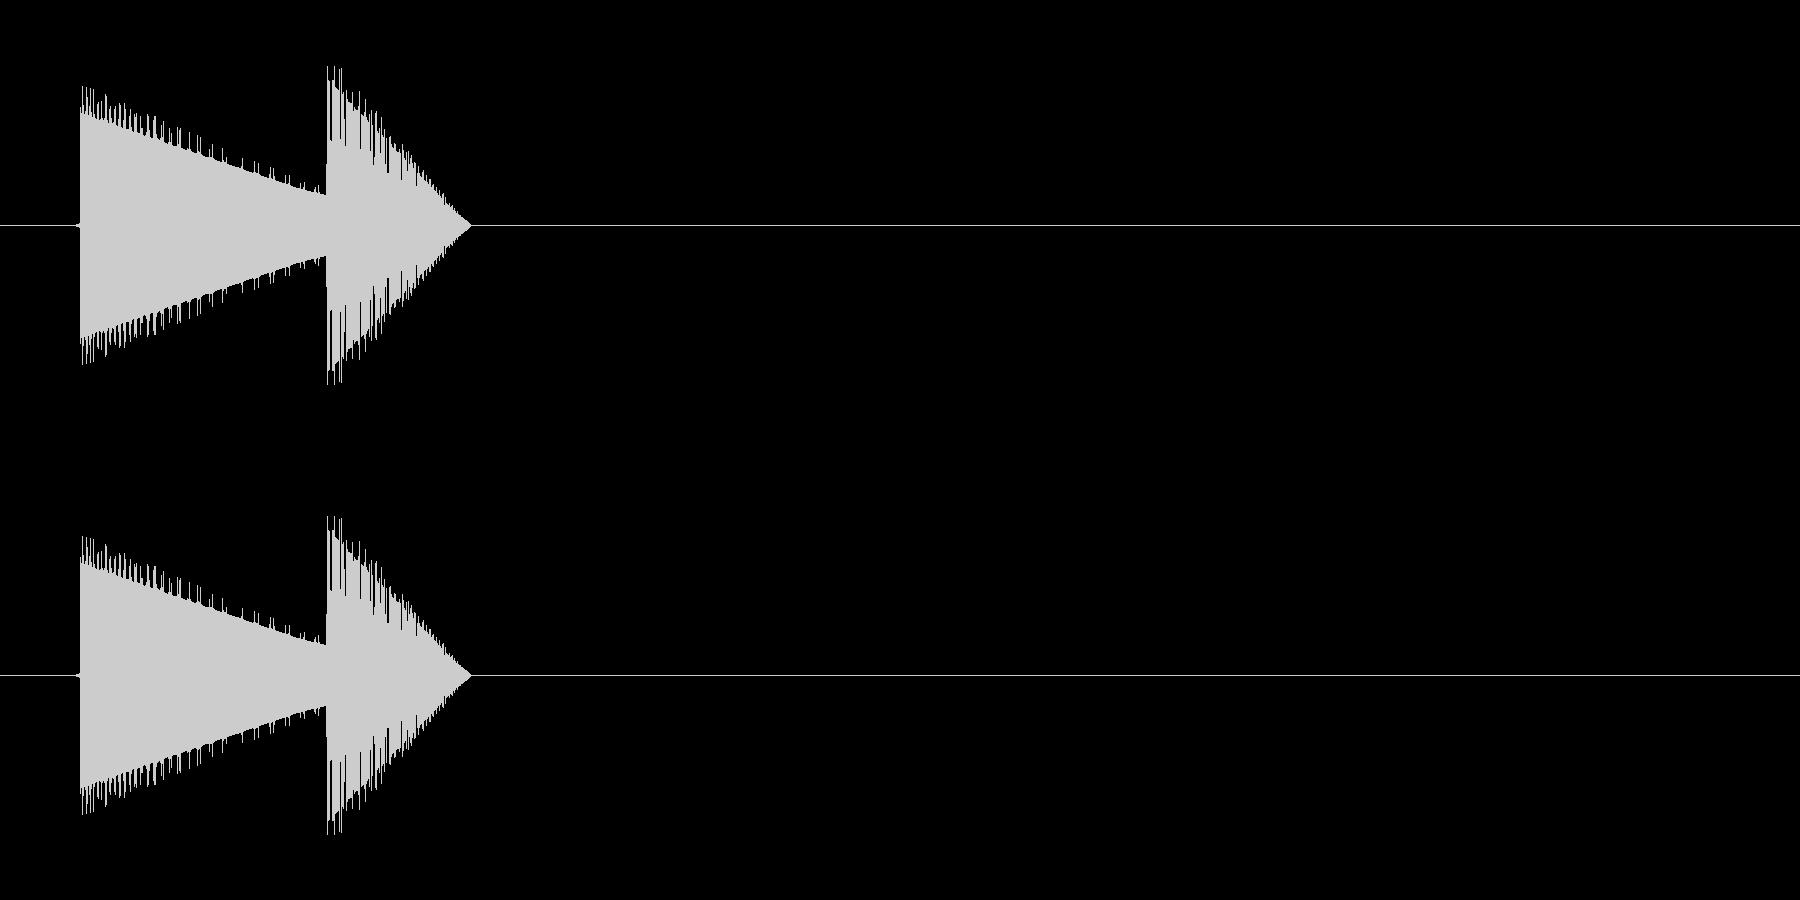 レトロゲーム風・宝箱#2の未再生の波形